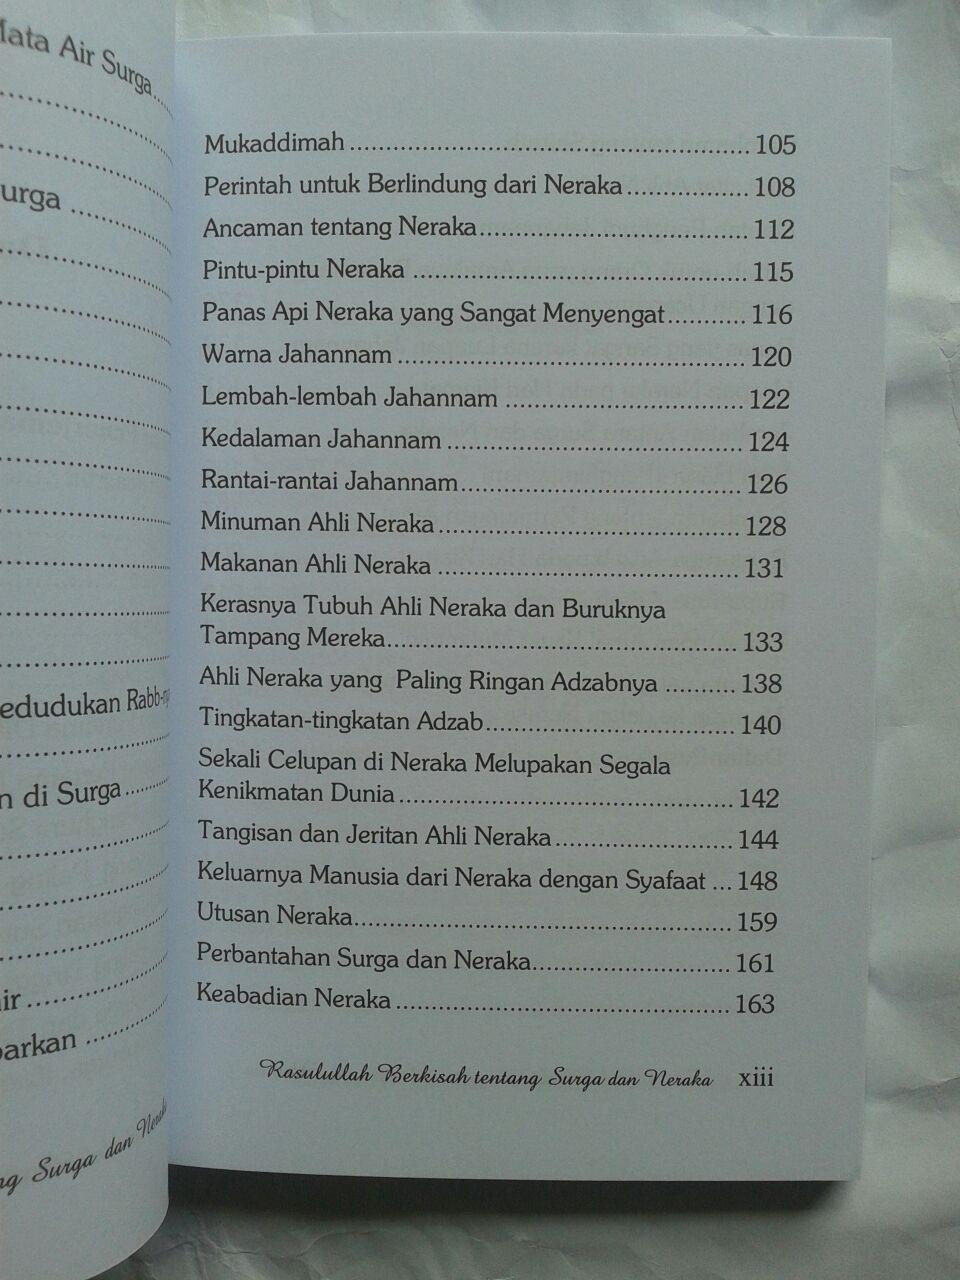 Buku Rasulullah Berkisah Tentang Surga & Neraka 25,000 15% 21,250 isi 2